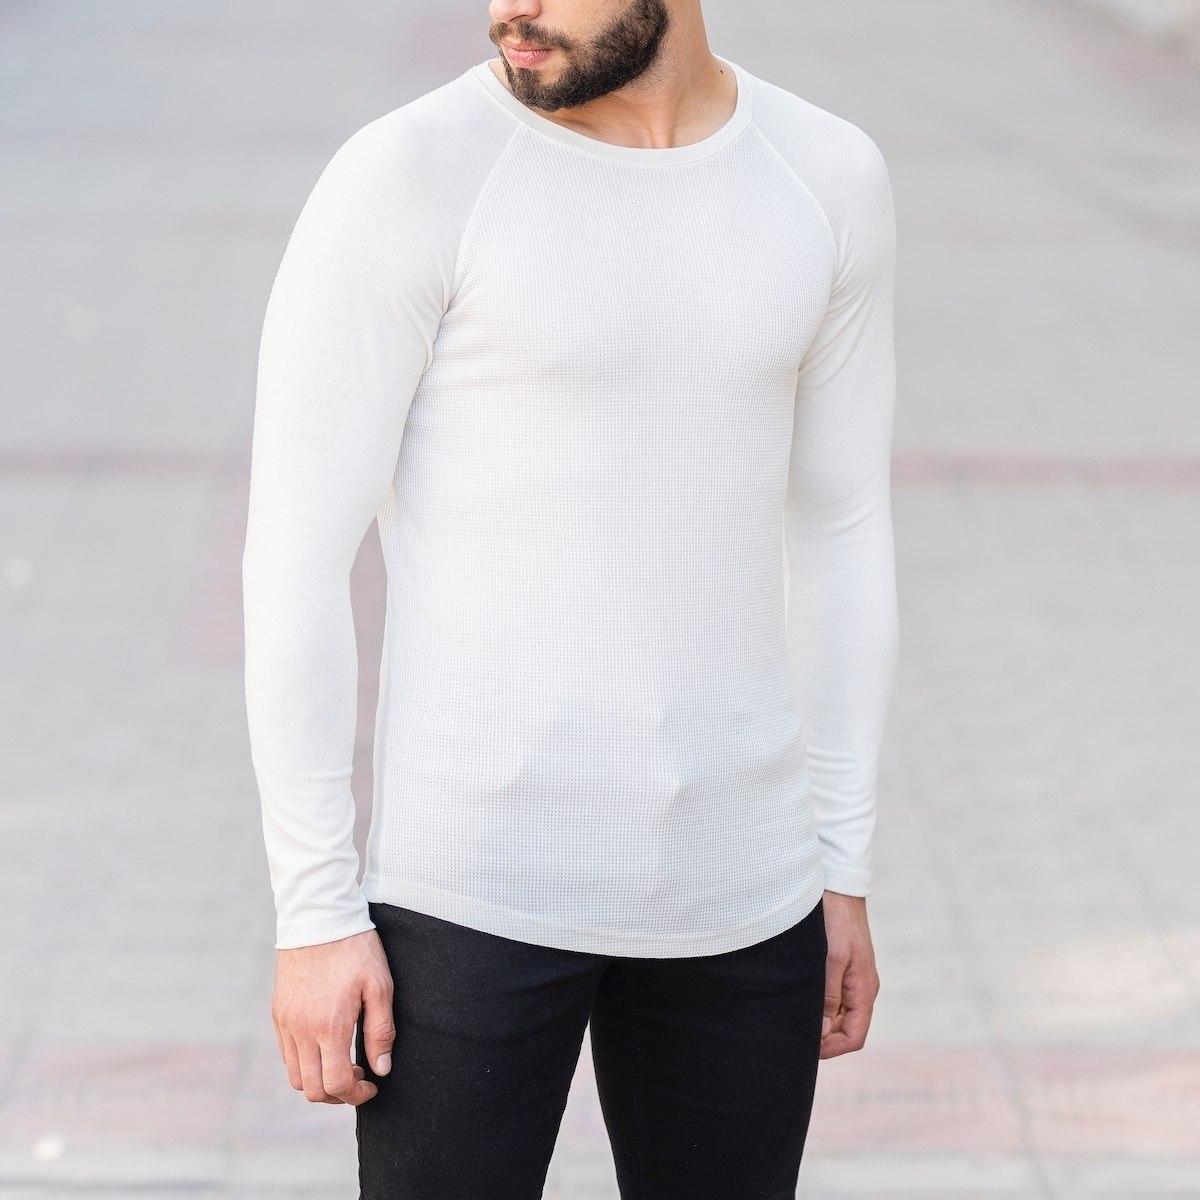 Dotwork Sweatshirt In White